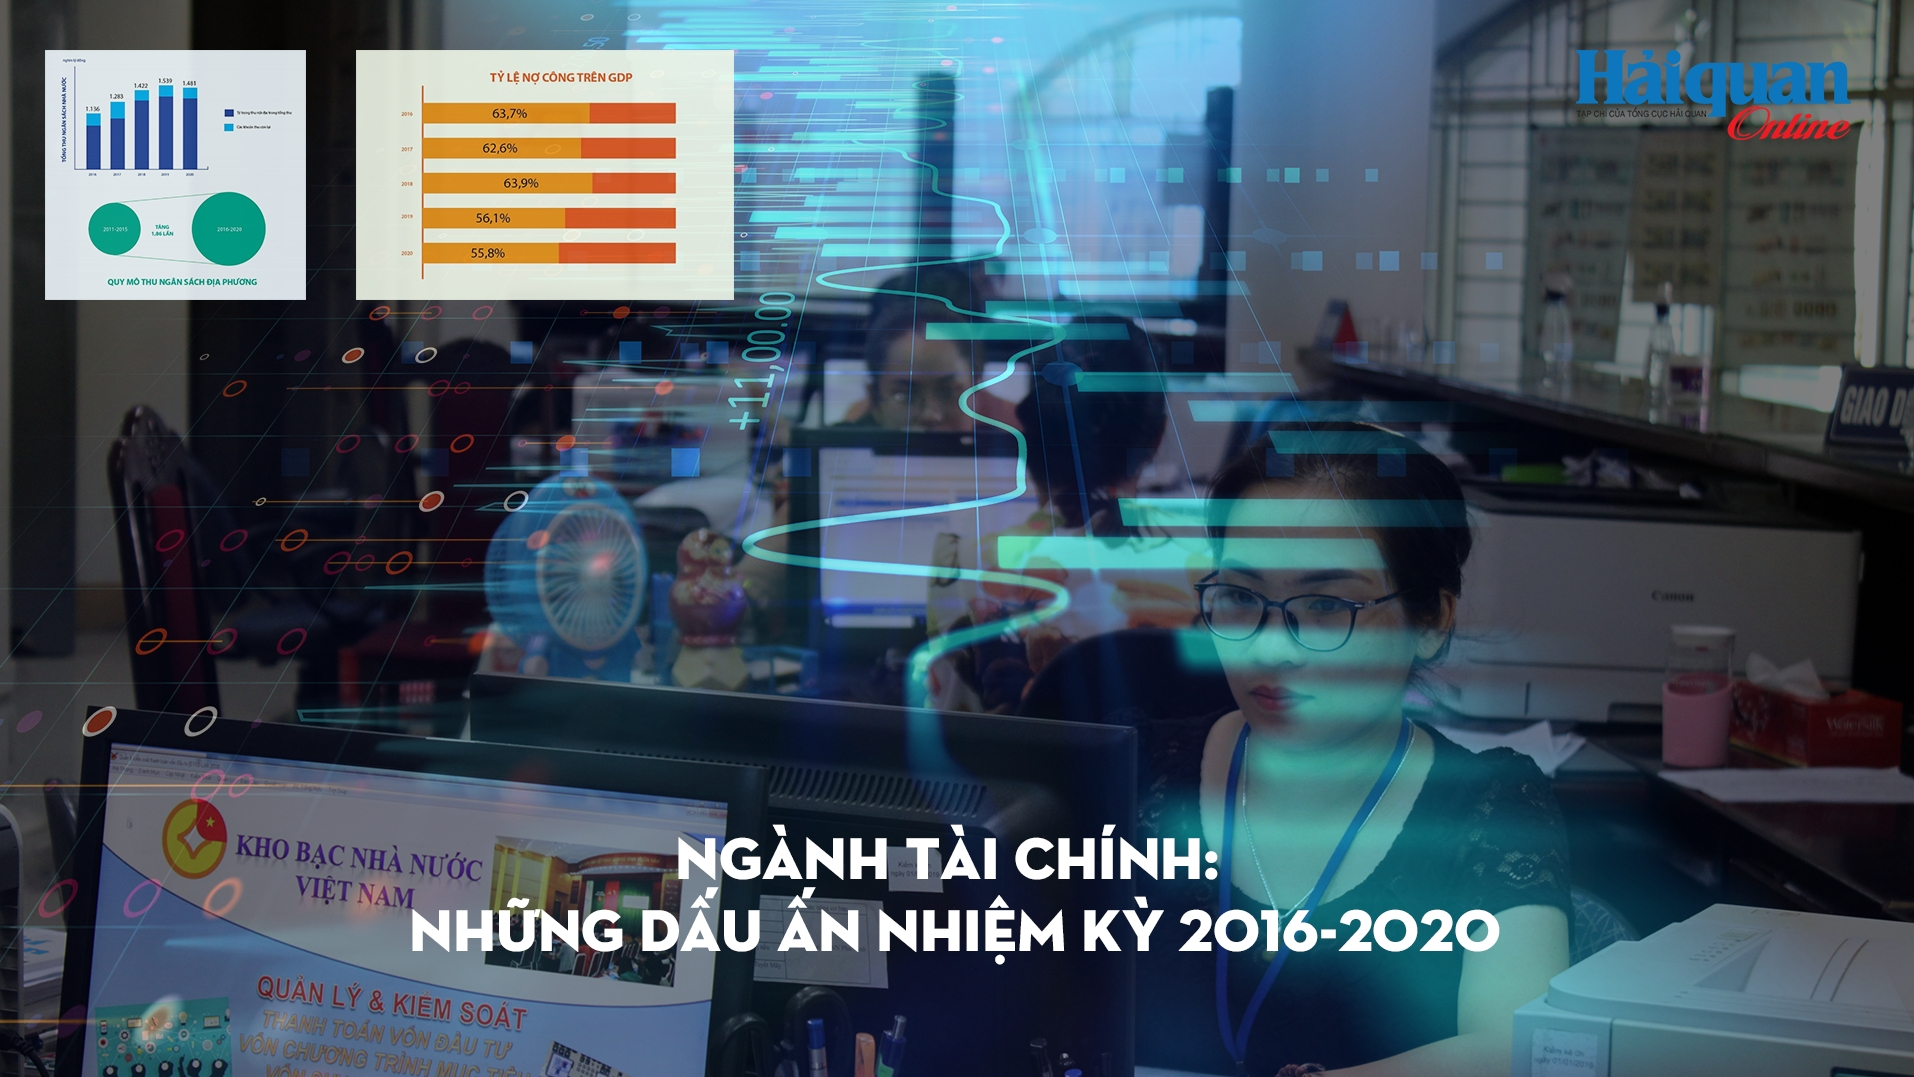 MEGASTORY: Ngành Tài chính: Những dấu ấn nhiệm kỳ 2016-2020